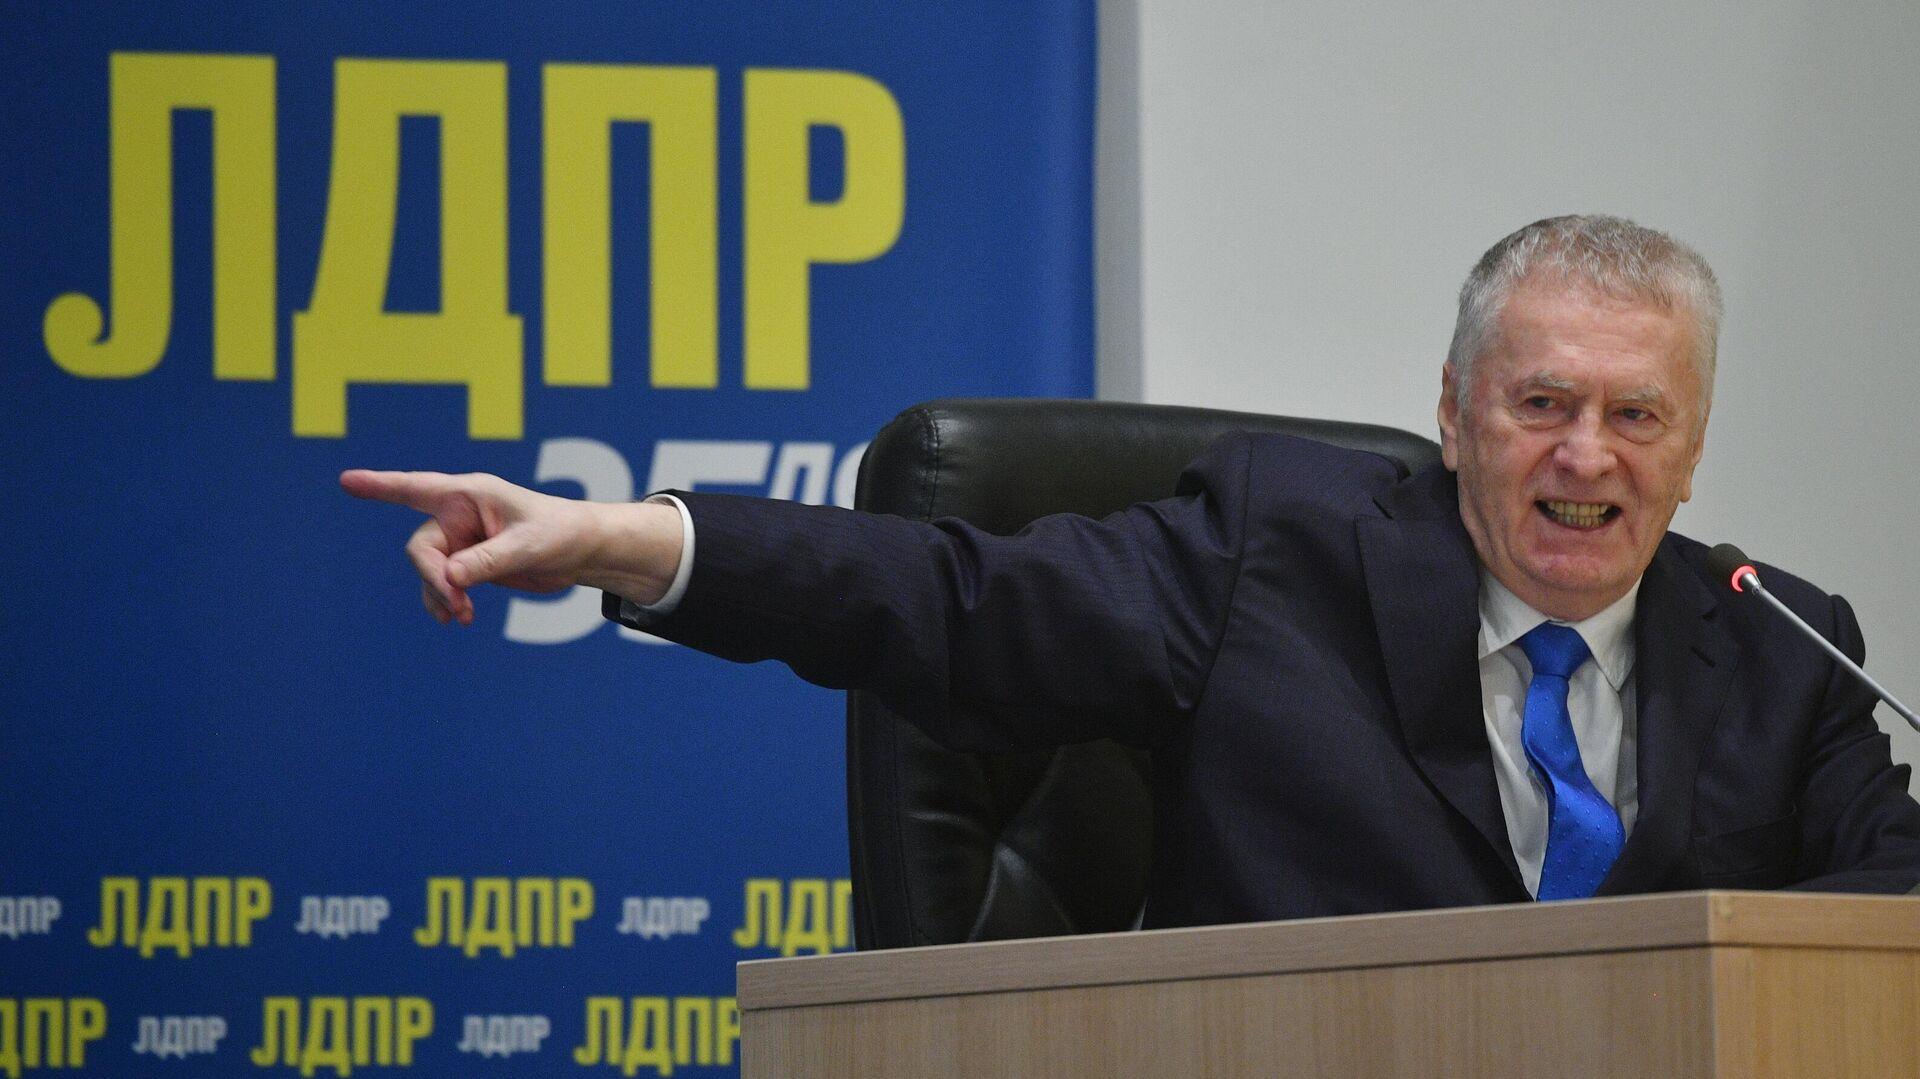 Председатель ЛДПР Владимир Жириновский выступает на съезде партии - РИА Новости, 1920, 24.12.2020